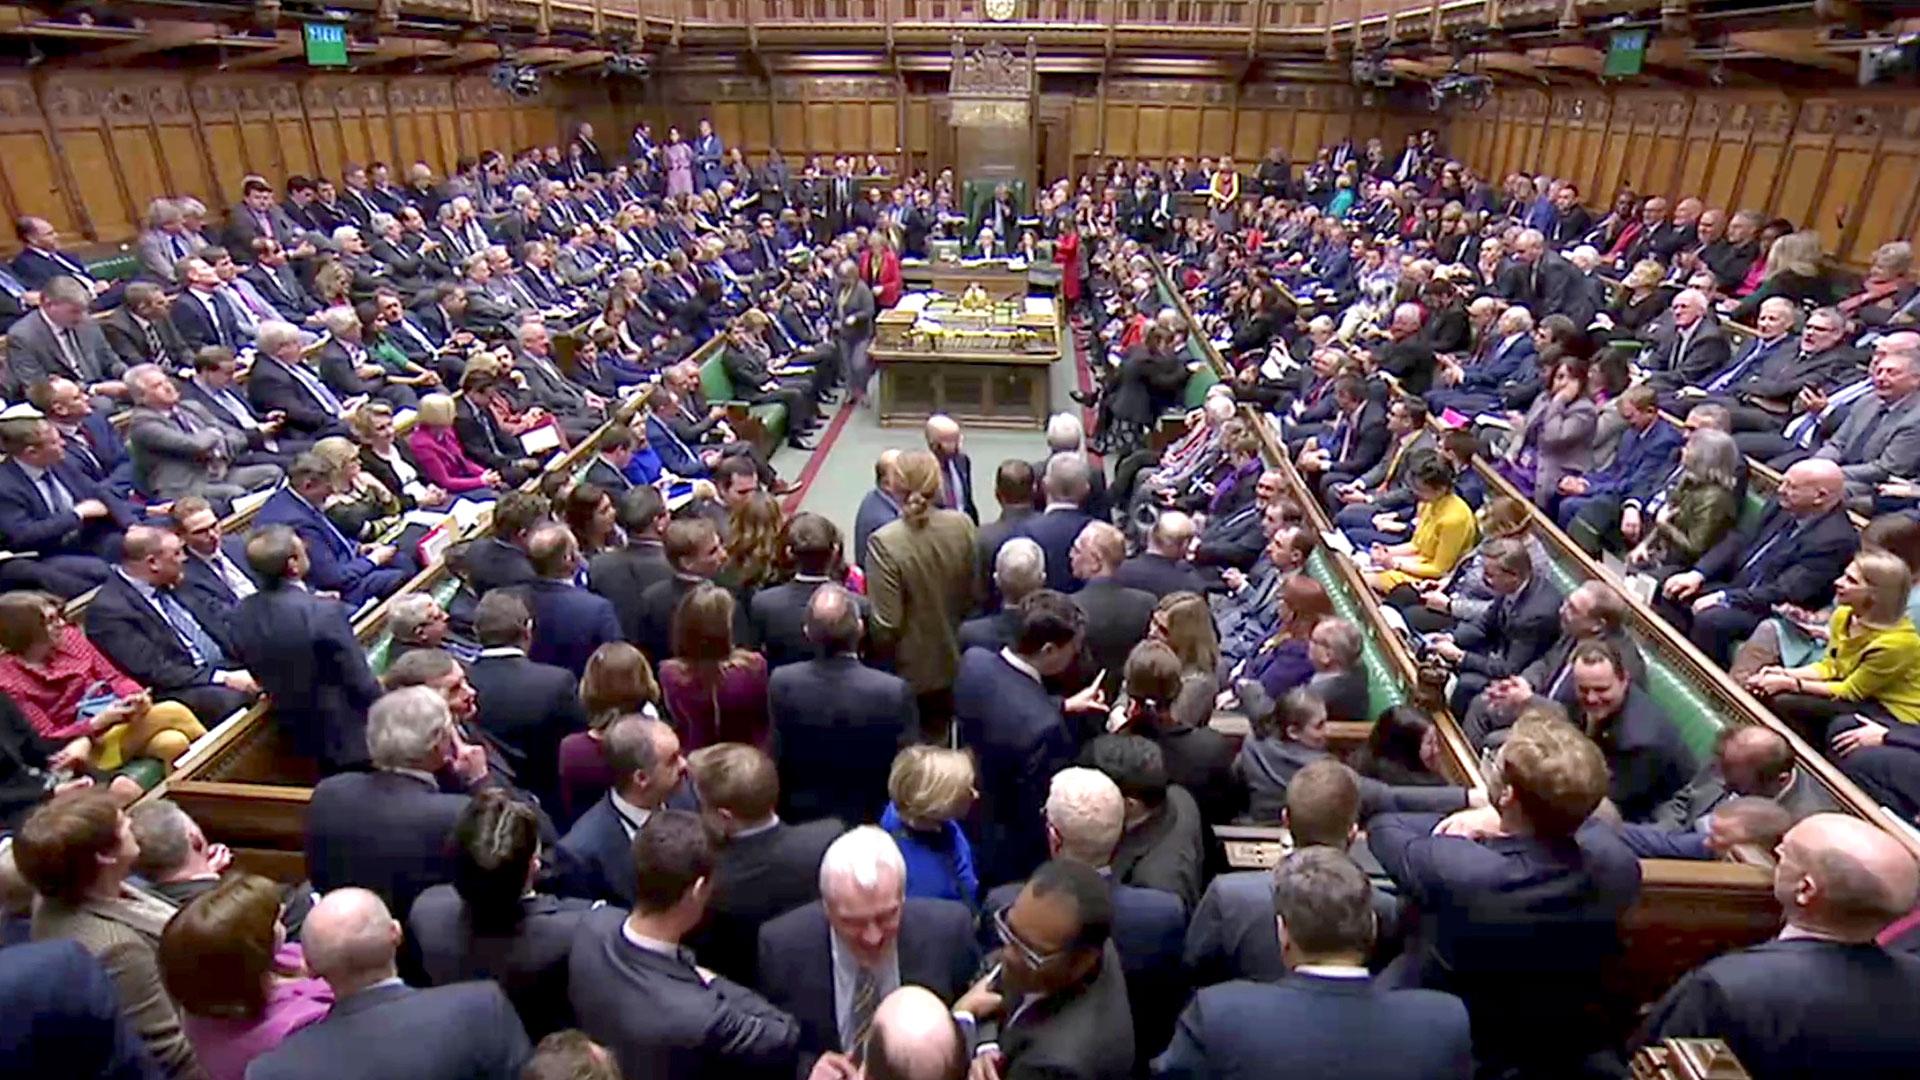 El Parlamento británico debe decidir entre un Brexit abrupto o duro, y la posibilidad de pedir una prórroga a la UE (Reuters)